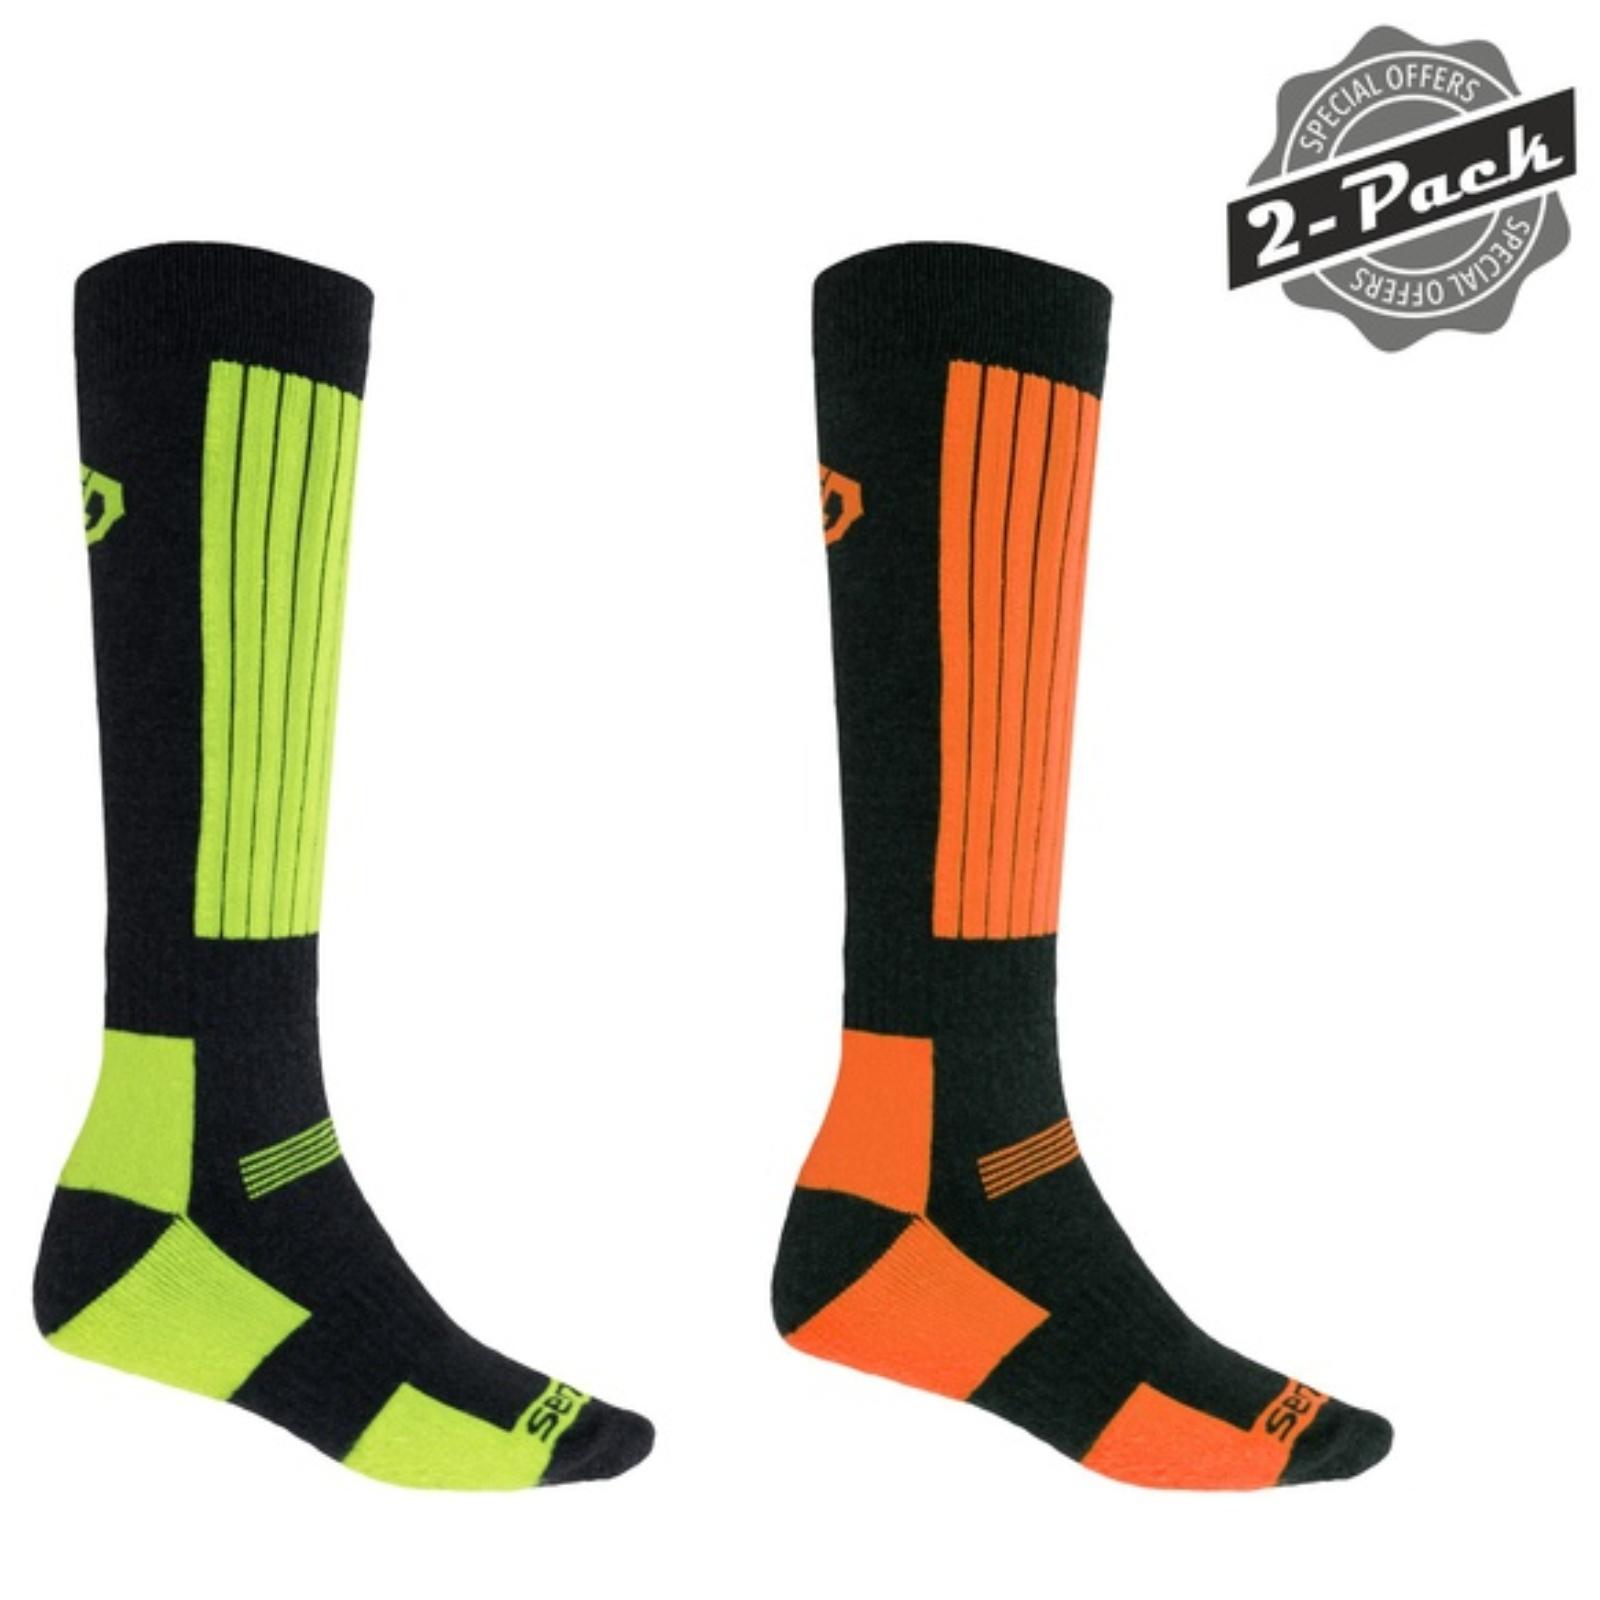 Sensor ponožky SNOW, 2-pack, zelená+oranžová